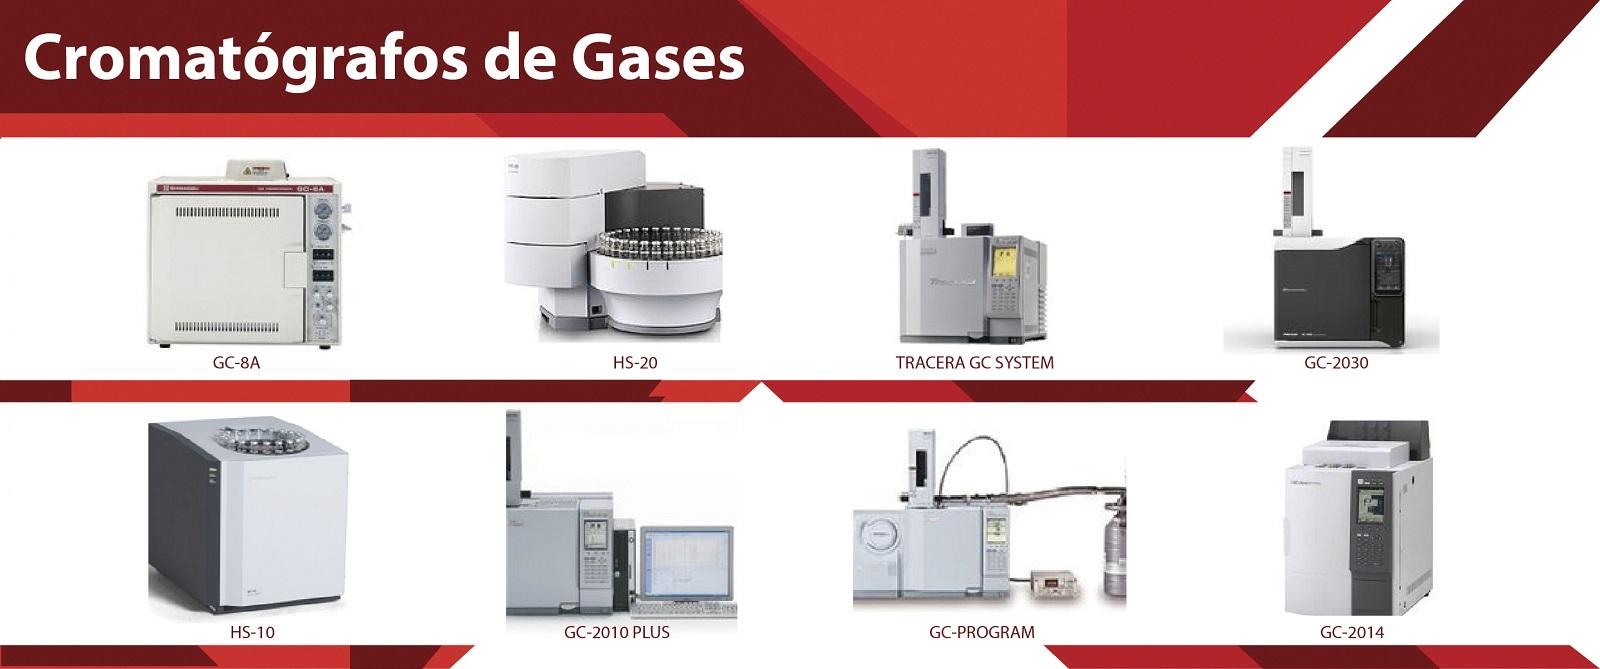 home-slider-cromatografo-de-gases